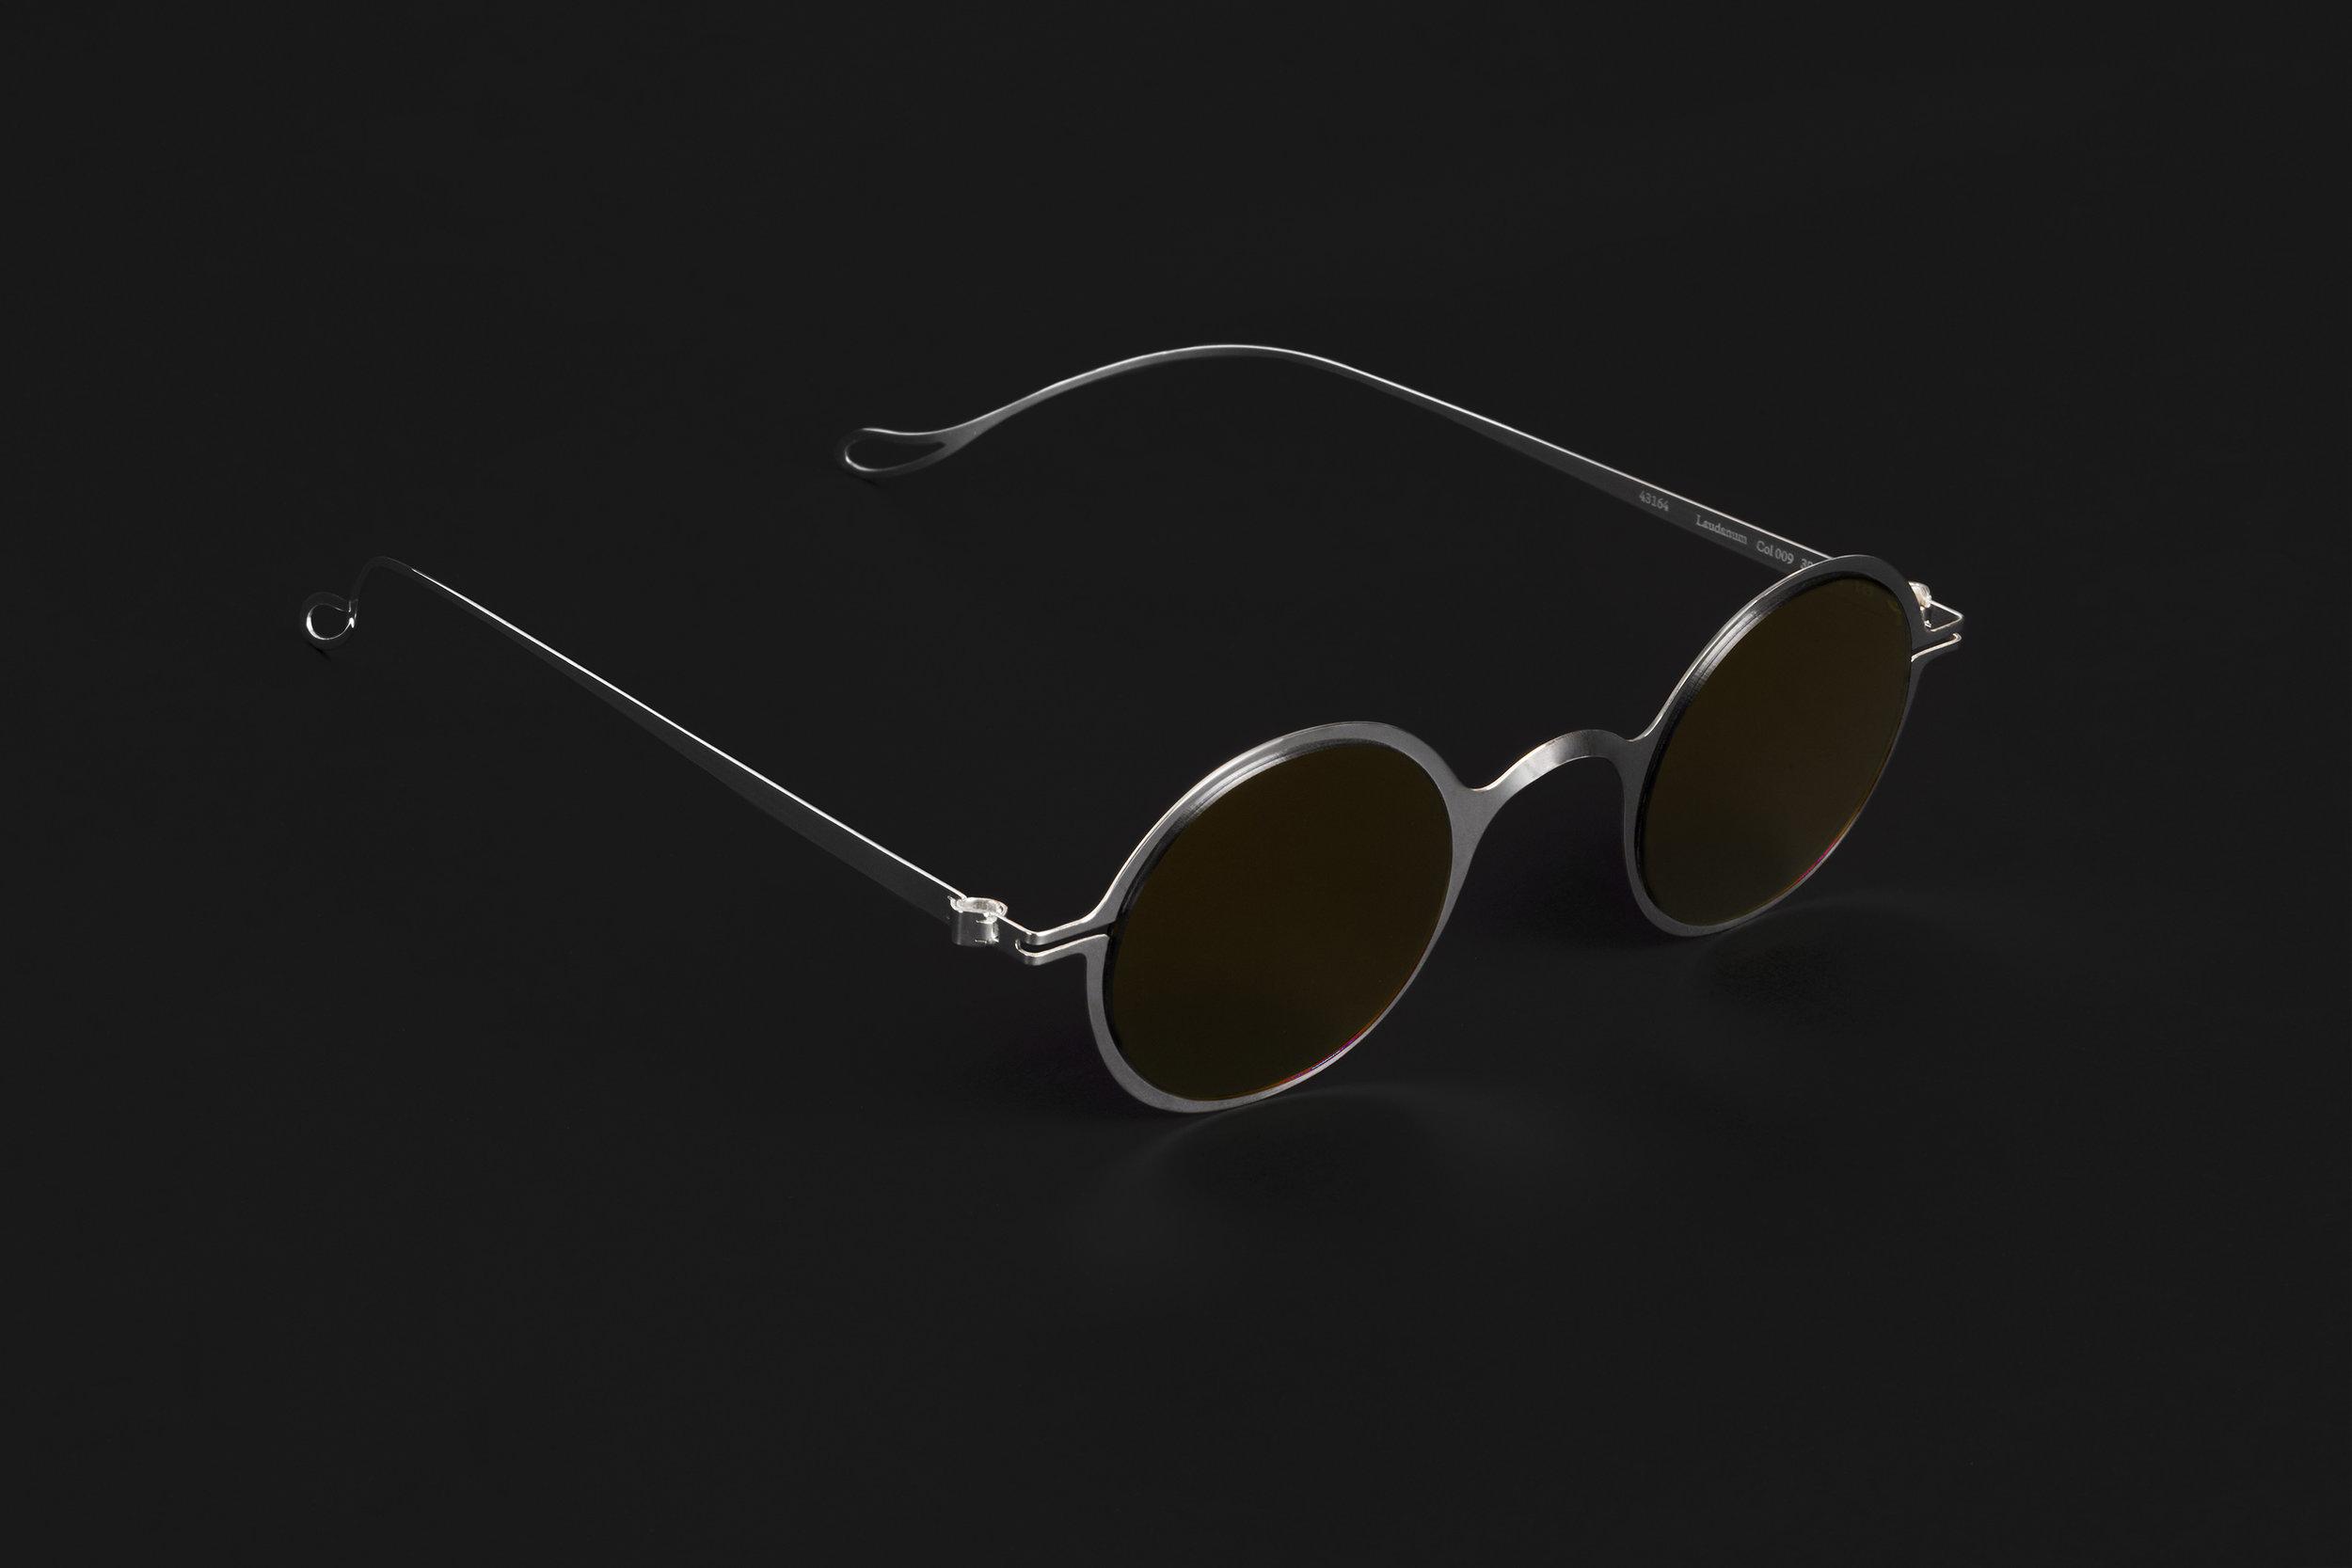 haffmans_neumeister_laudanum_argentum_amber_brown_phasmid_sunglasses_angle_102225.jpg